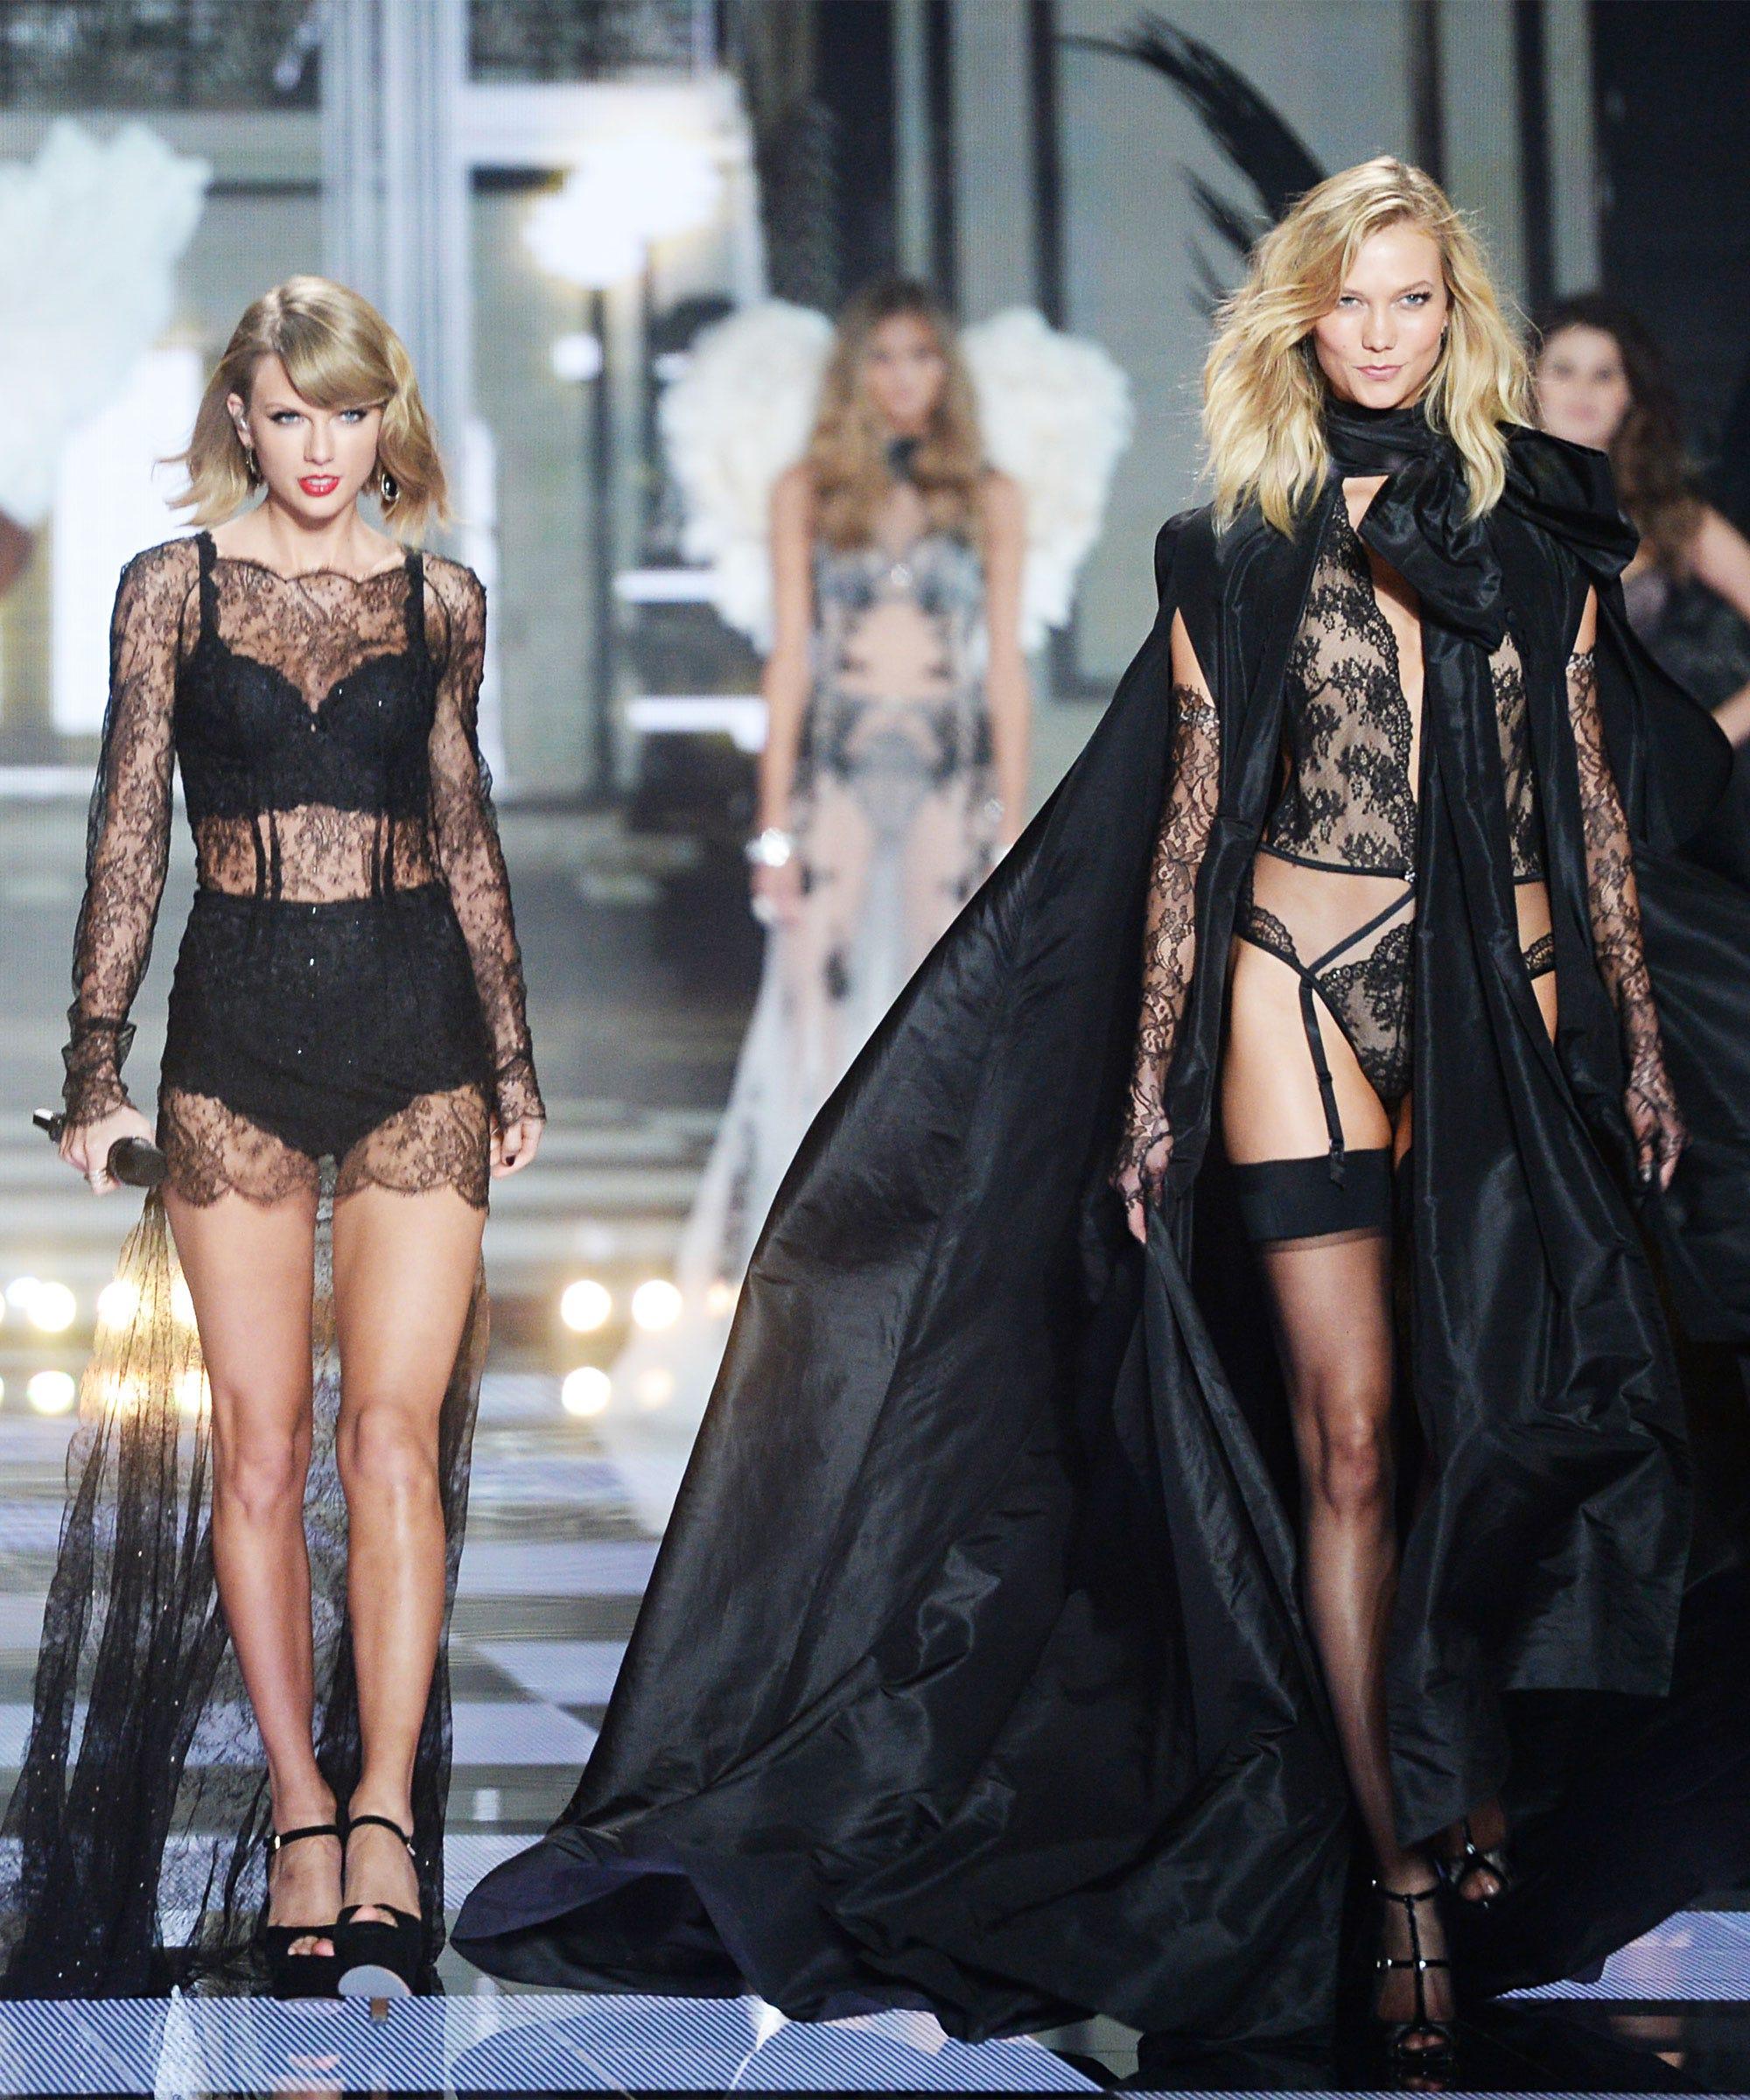 Karlie Kloss Addresses Taylor Swift Friendship Rumors